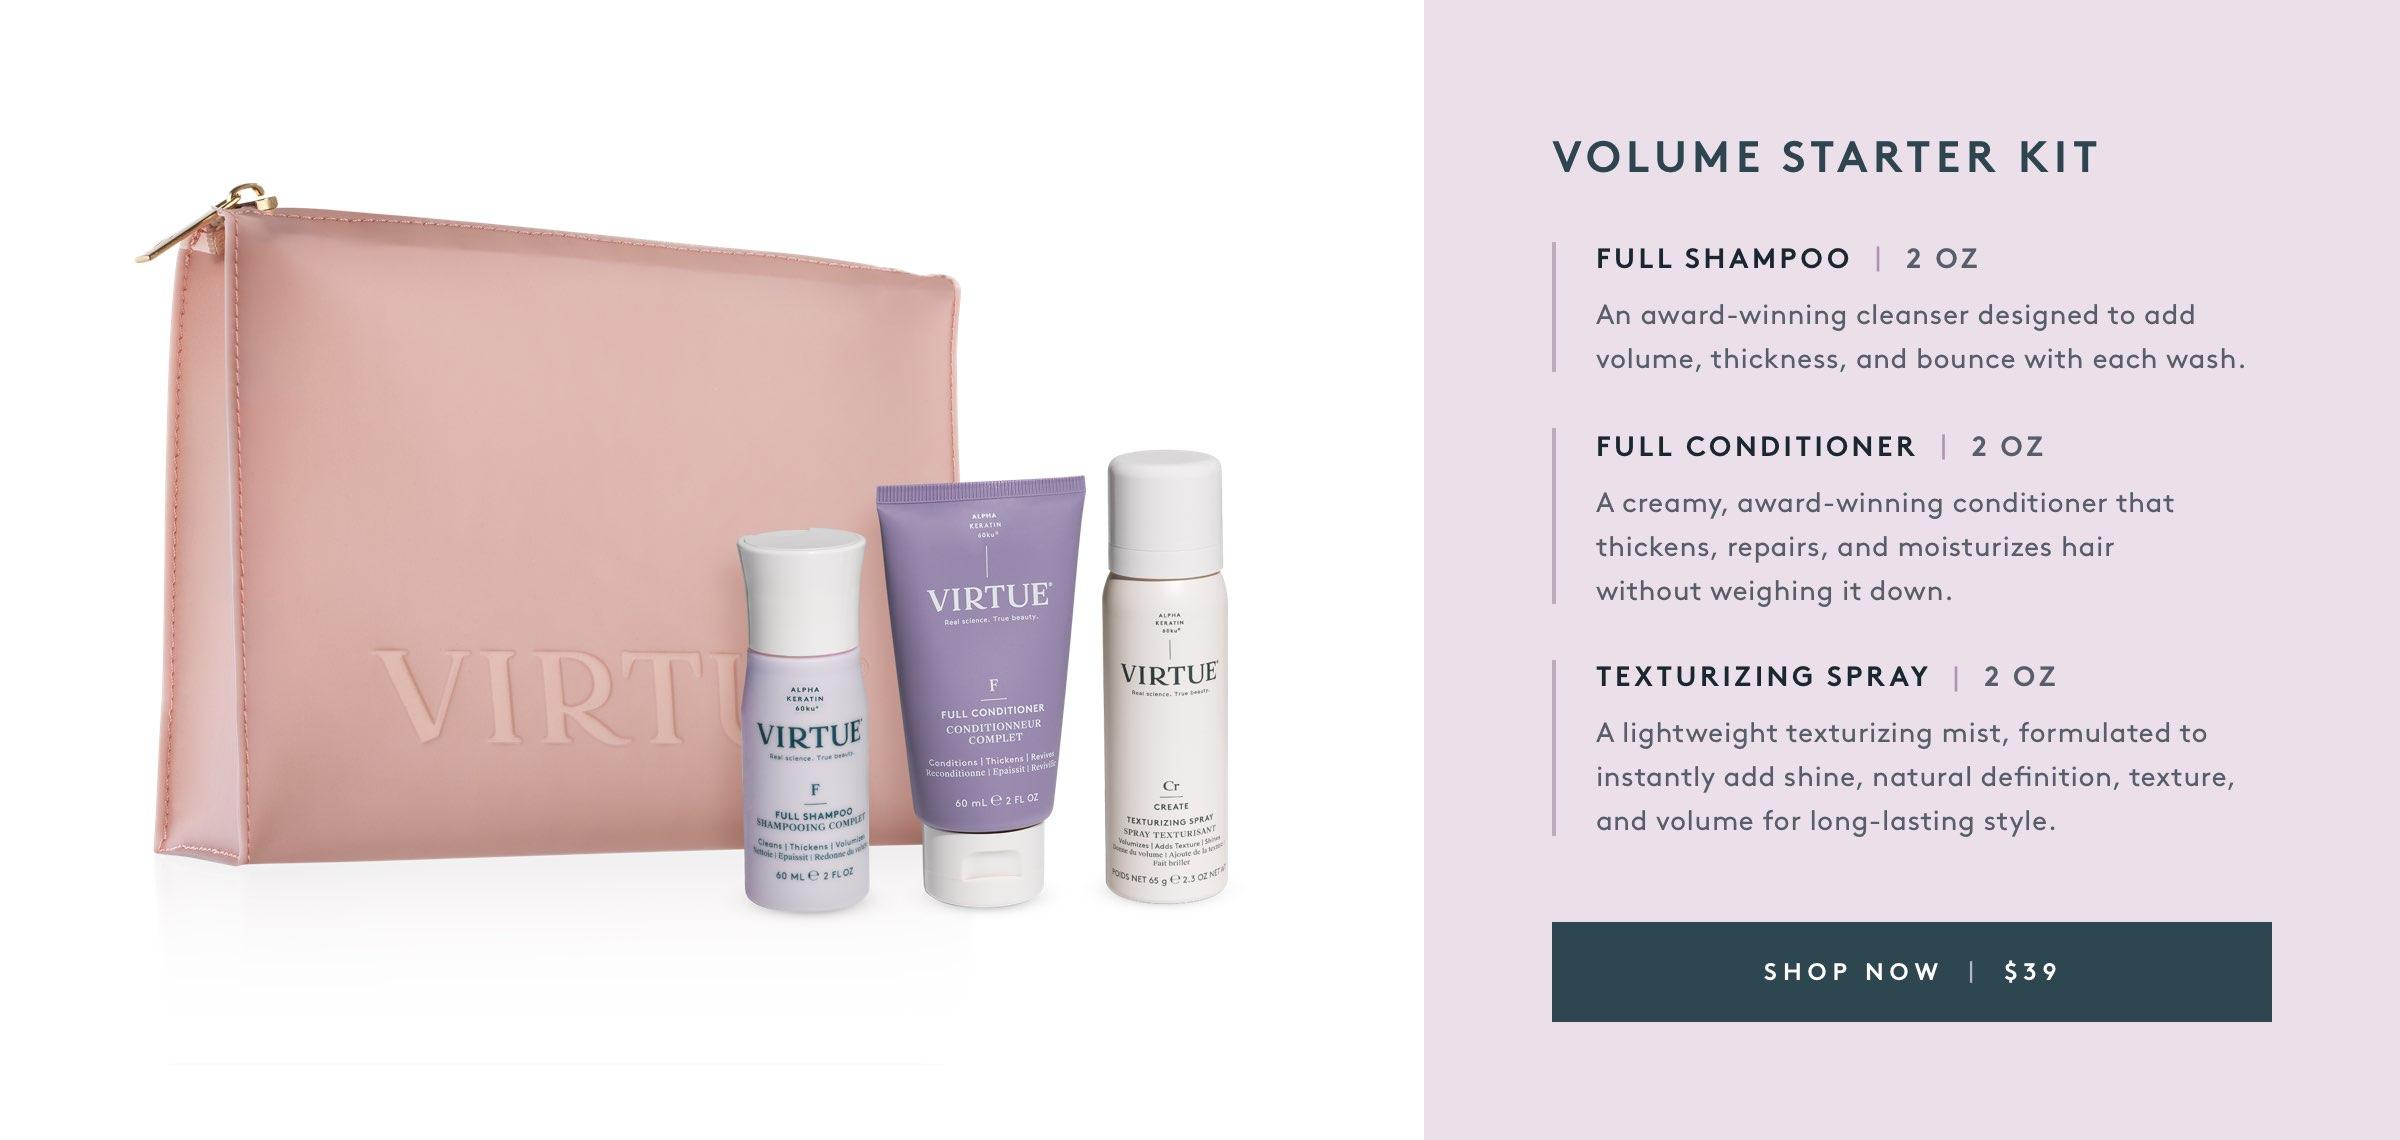 Volume Starter Kit